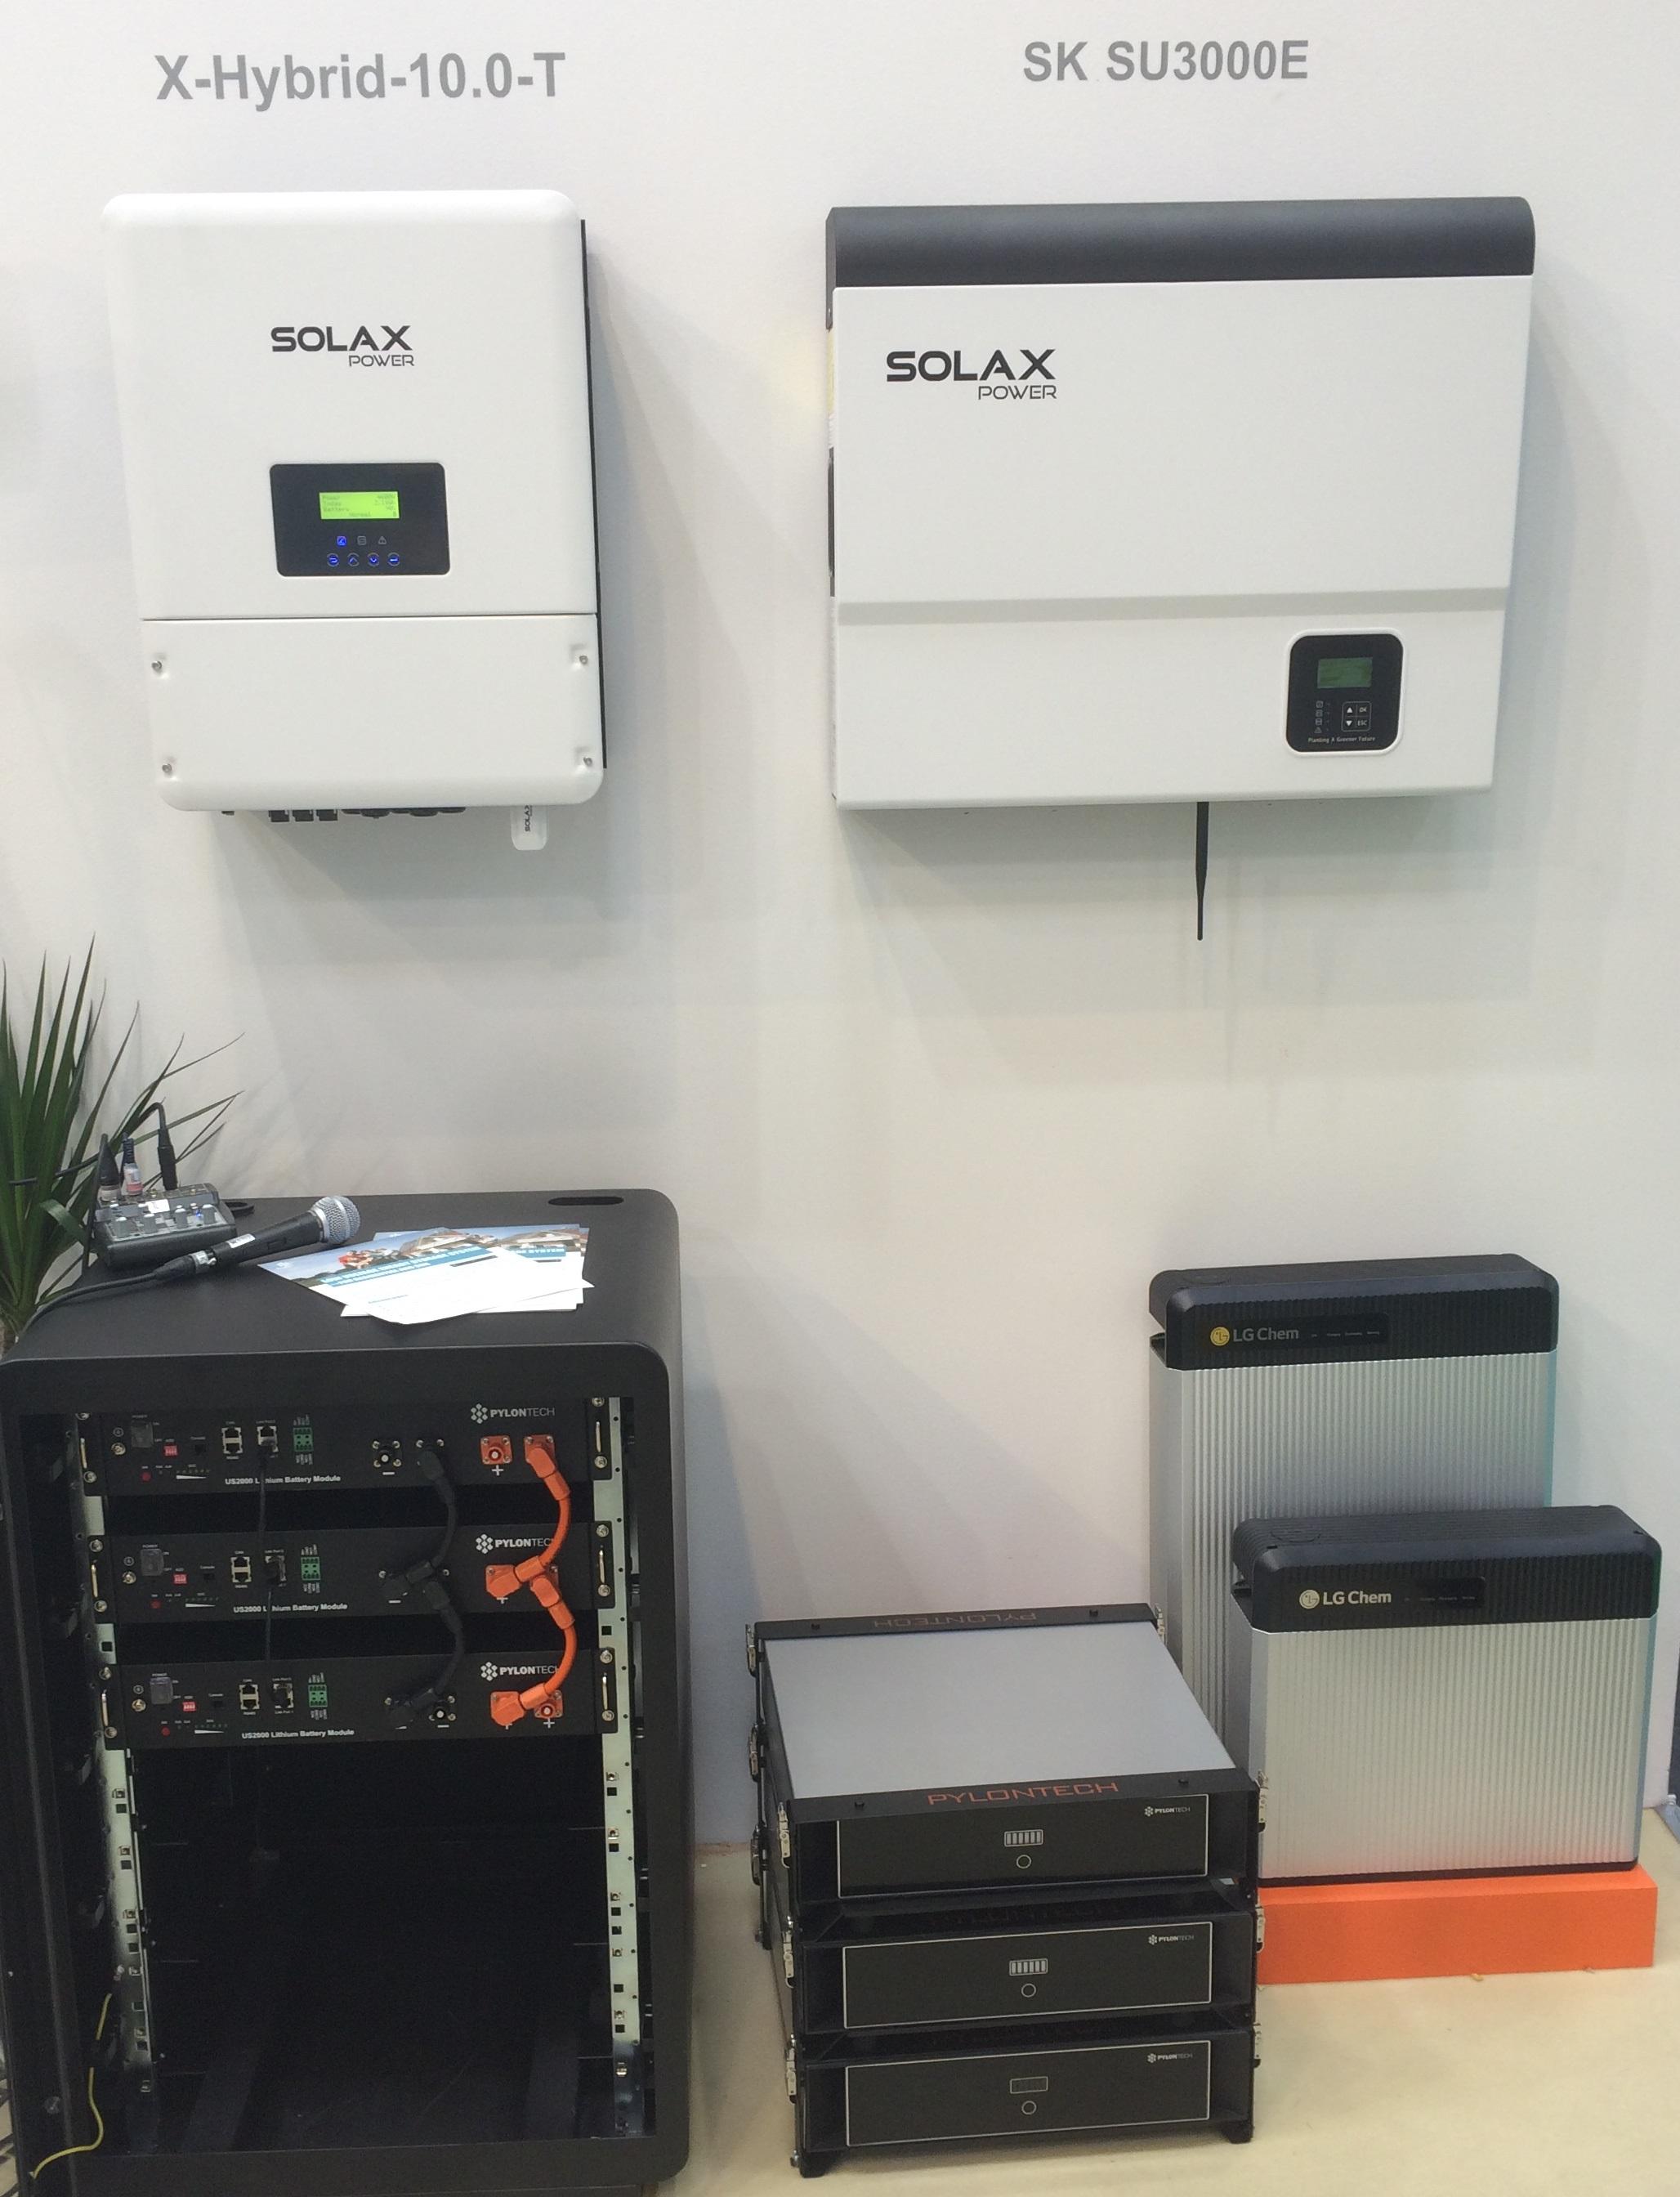 Inverter Trifase Ibridi CEI 021 per accumuli al litio Solax X‐Hybrid Serie T ‐ La nuova generazione di inverter trifase, per il futuro di oggi.